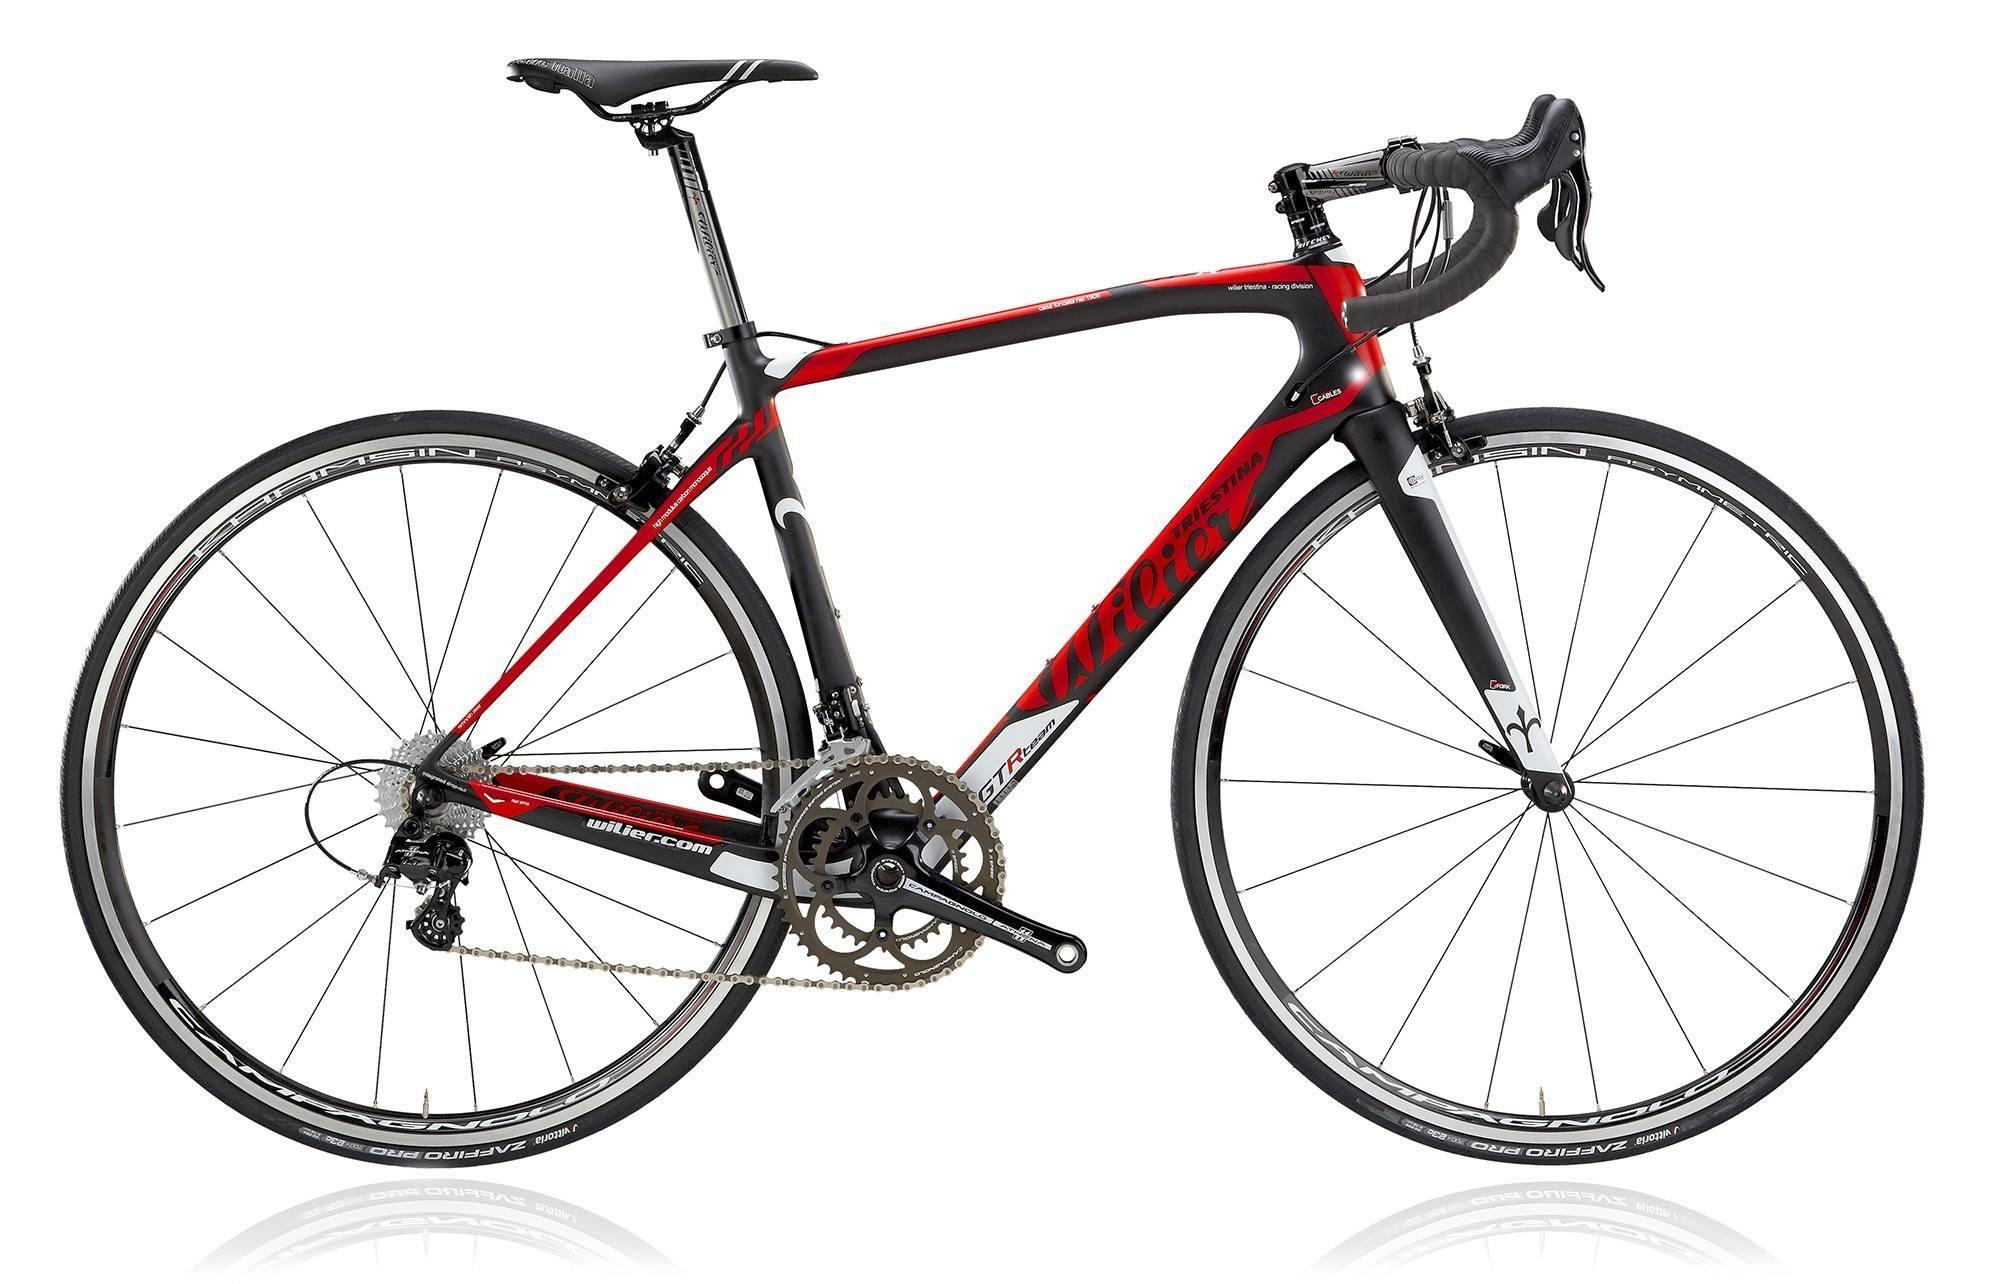 Wilier Gtr Team Ultegra Bike